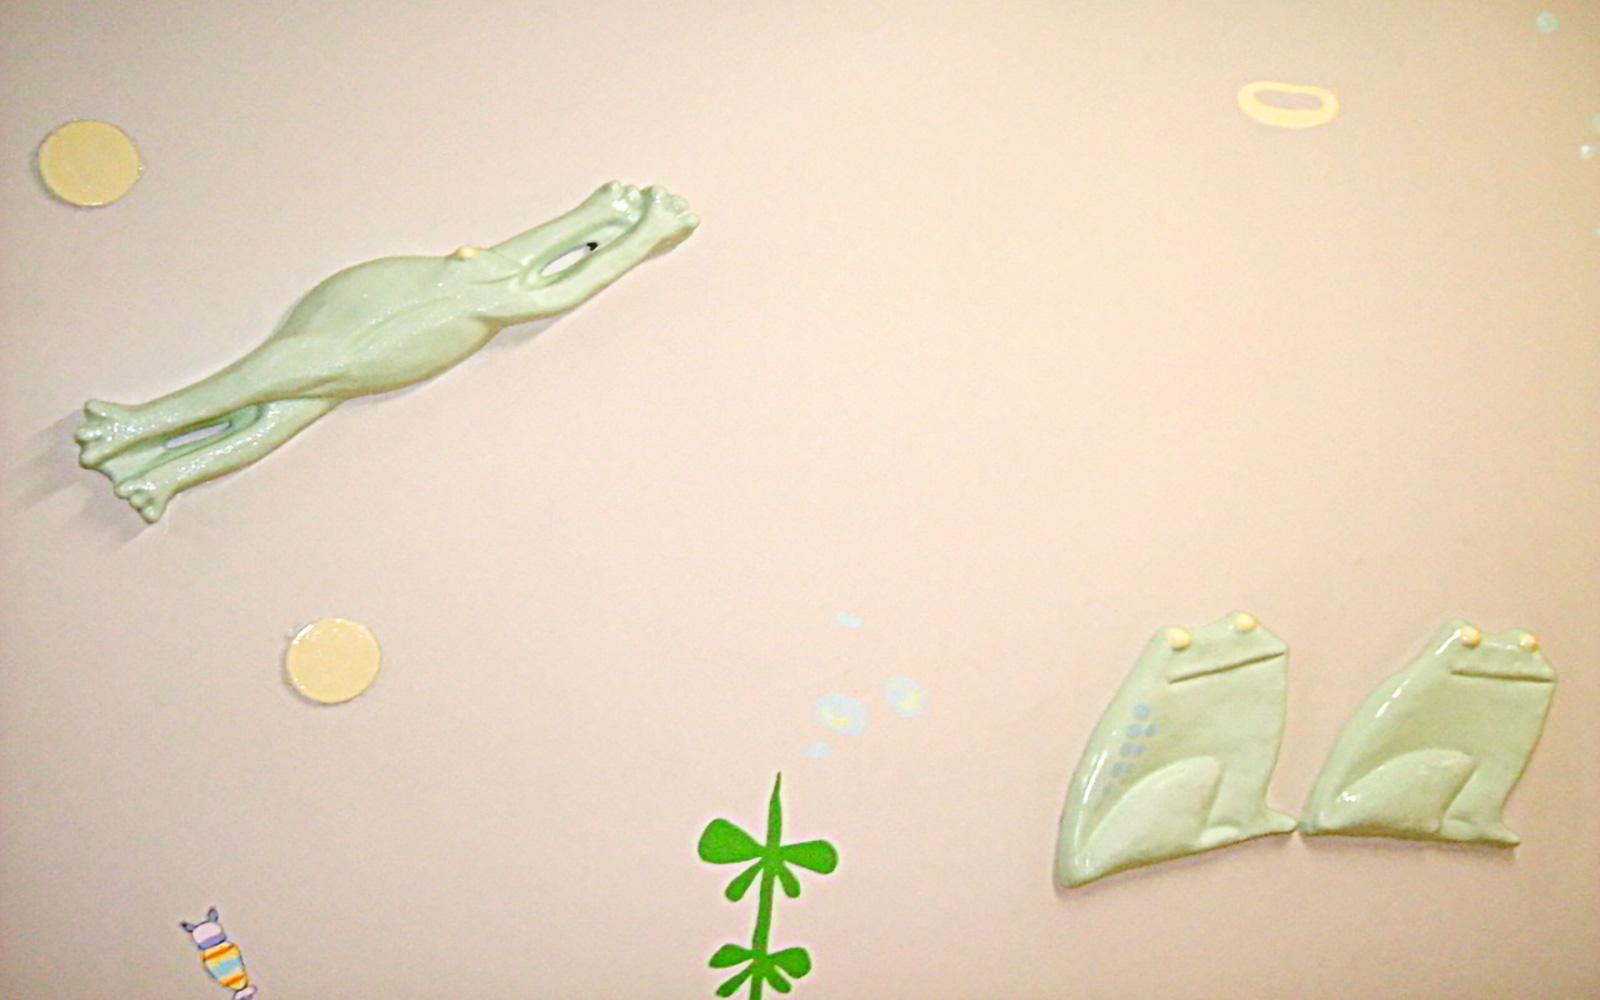 ホスピタルアート 大阪府立母子保健総合医療センター 壁画